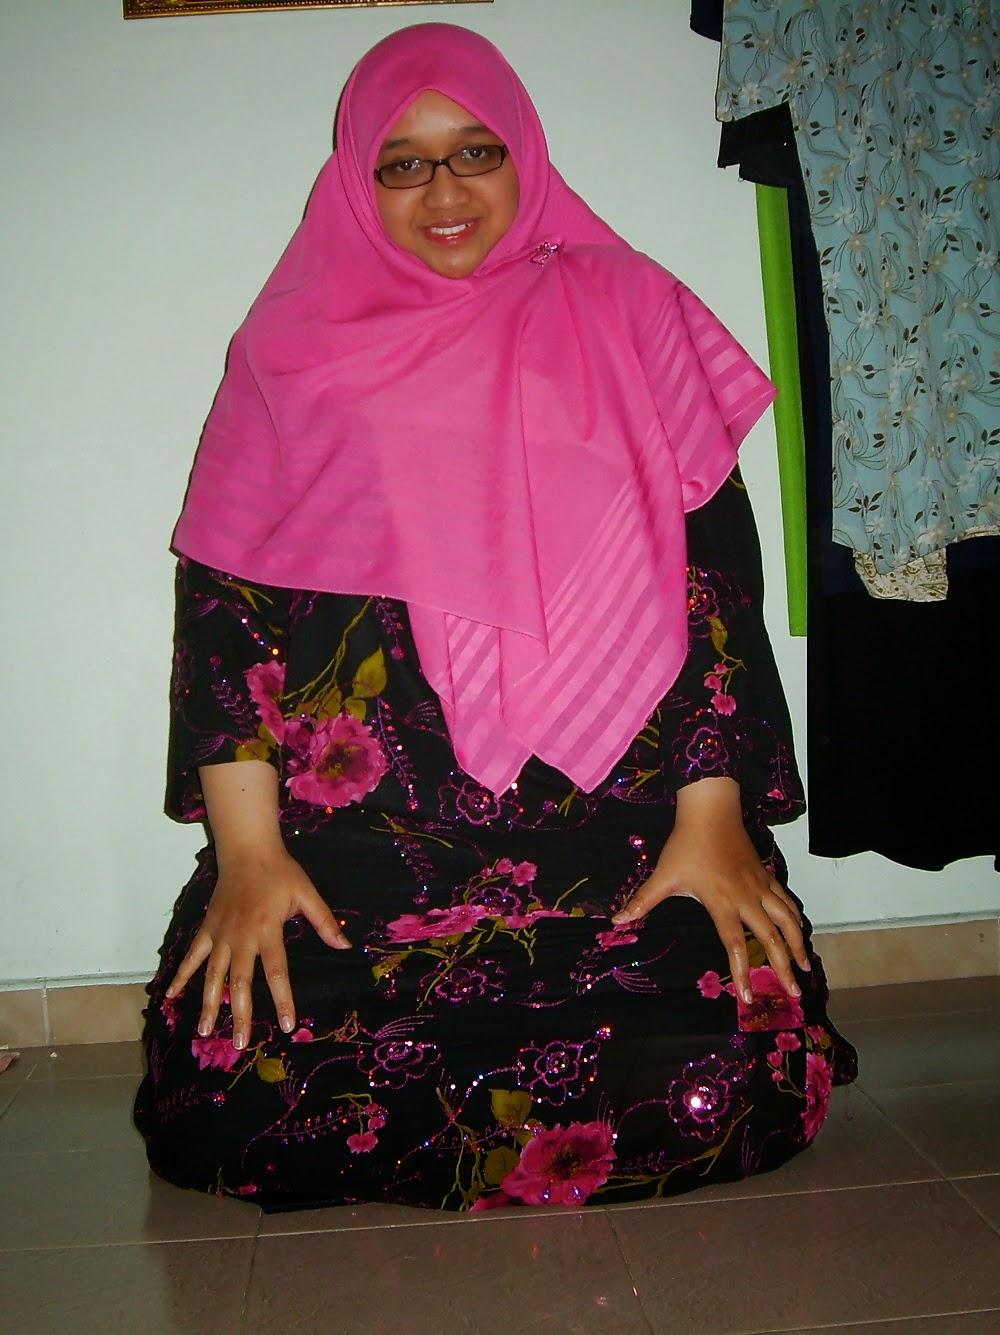 Isteri Misali melayu bogel.com